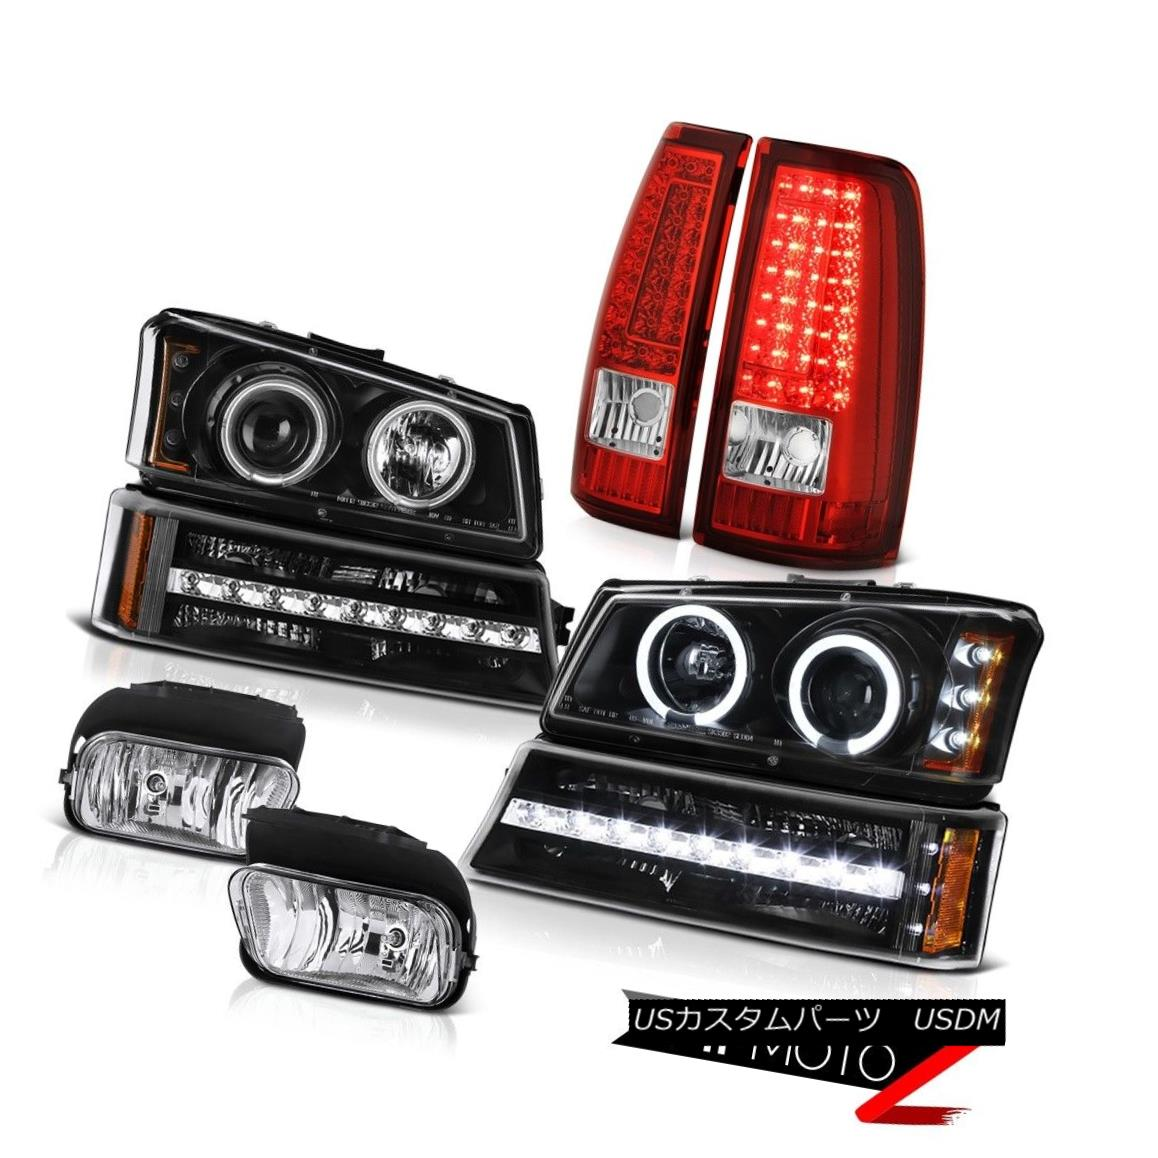 ヘッドライト 2003-2006 Silverado 3500Hd Fog Lamps Wine Red Taillamps Parking Light Headlights 2003-2006シルバラード3500Hdフォグランプワインレッドタイルランプパーキングライトヘッドライト